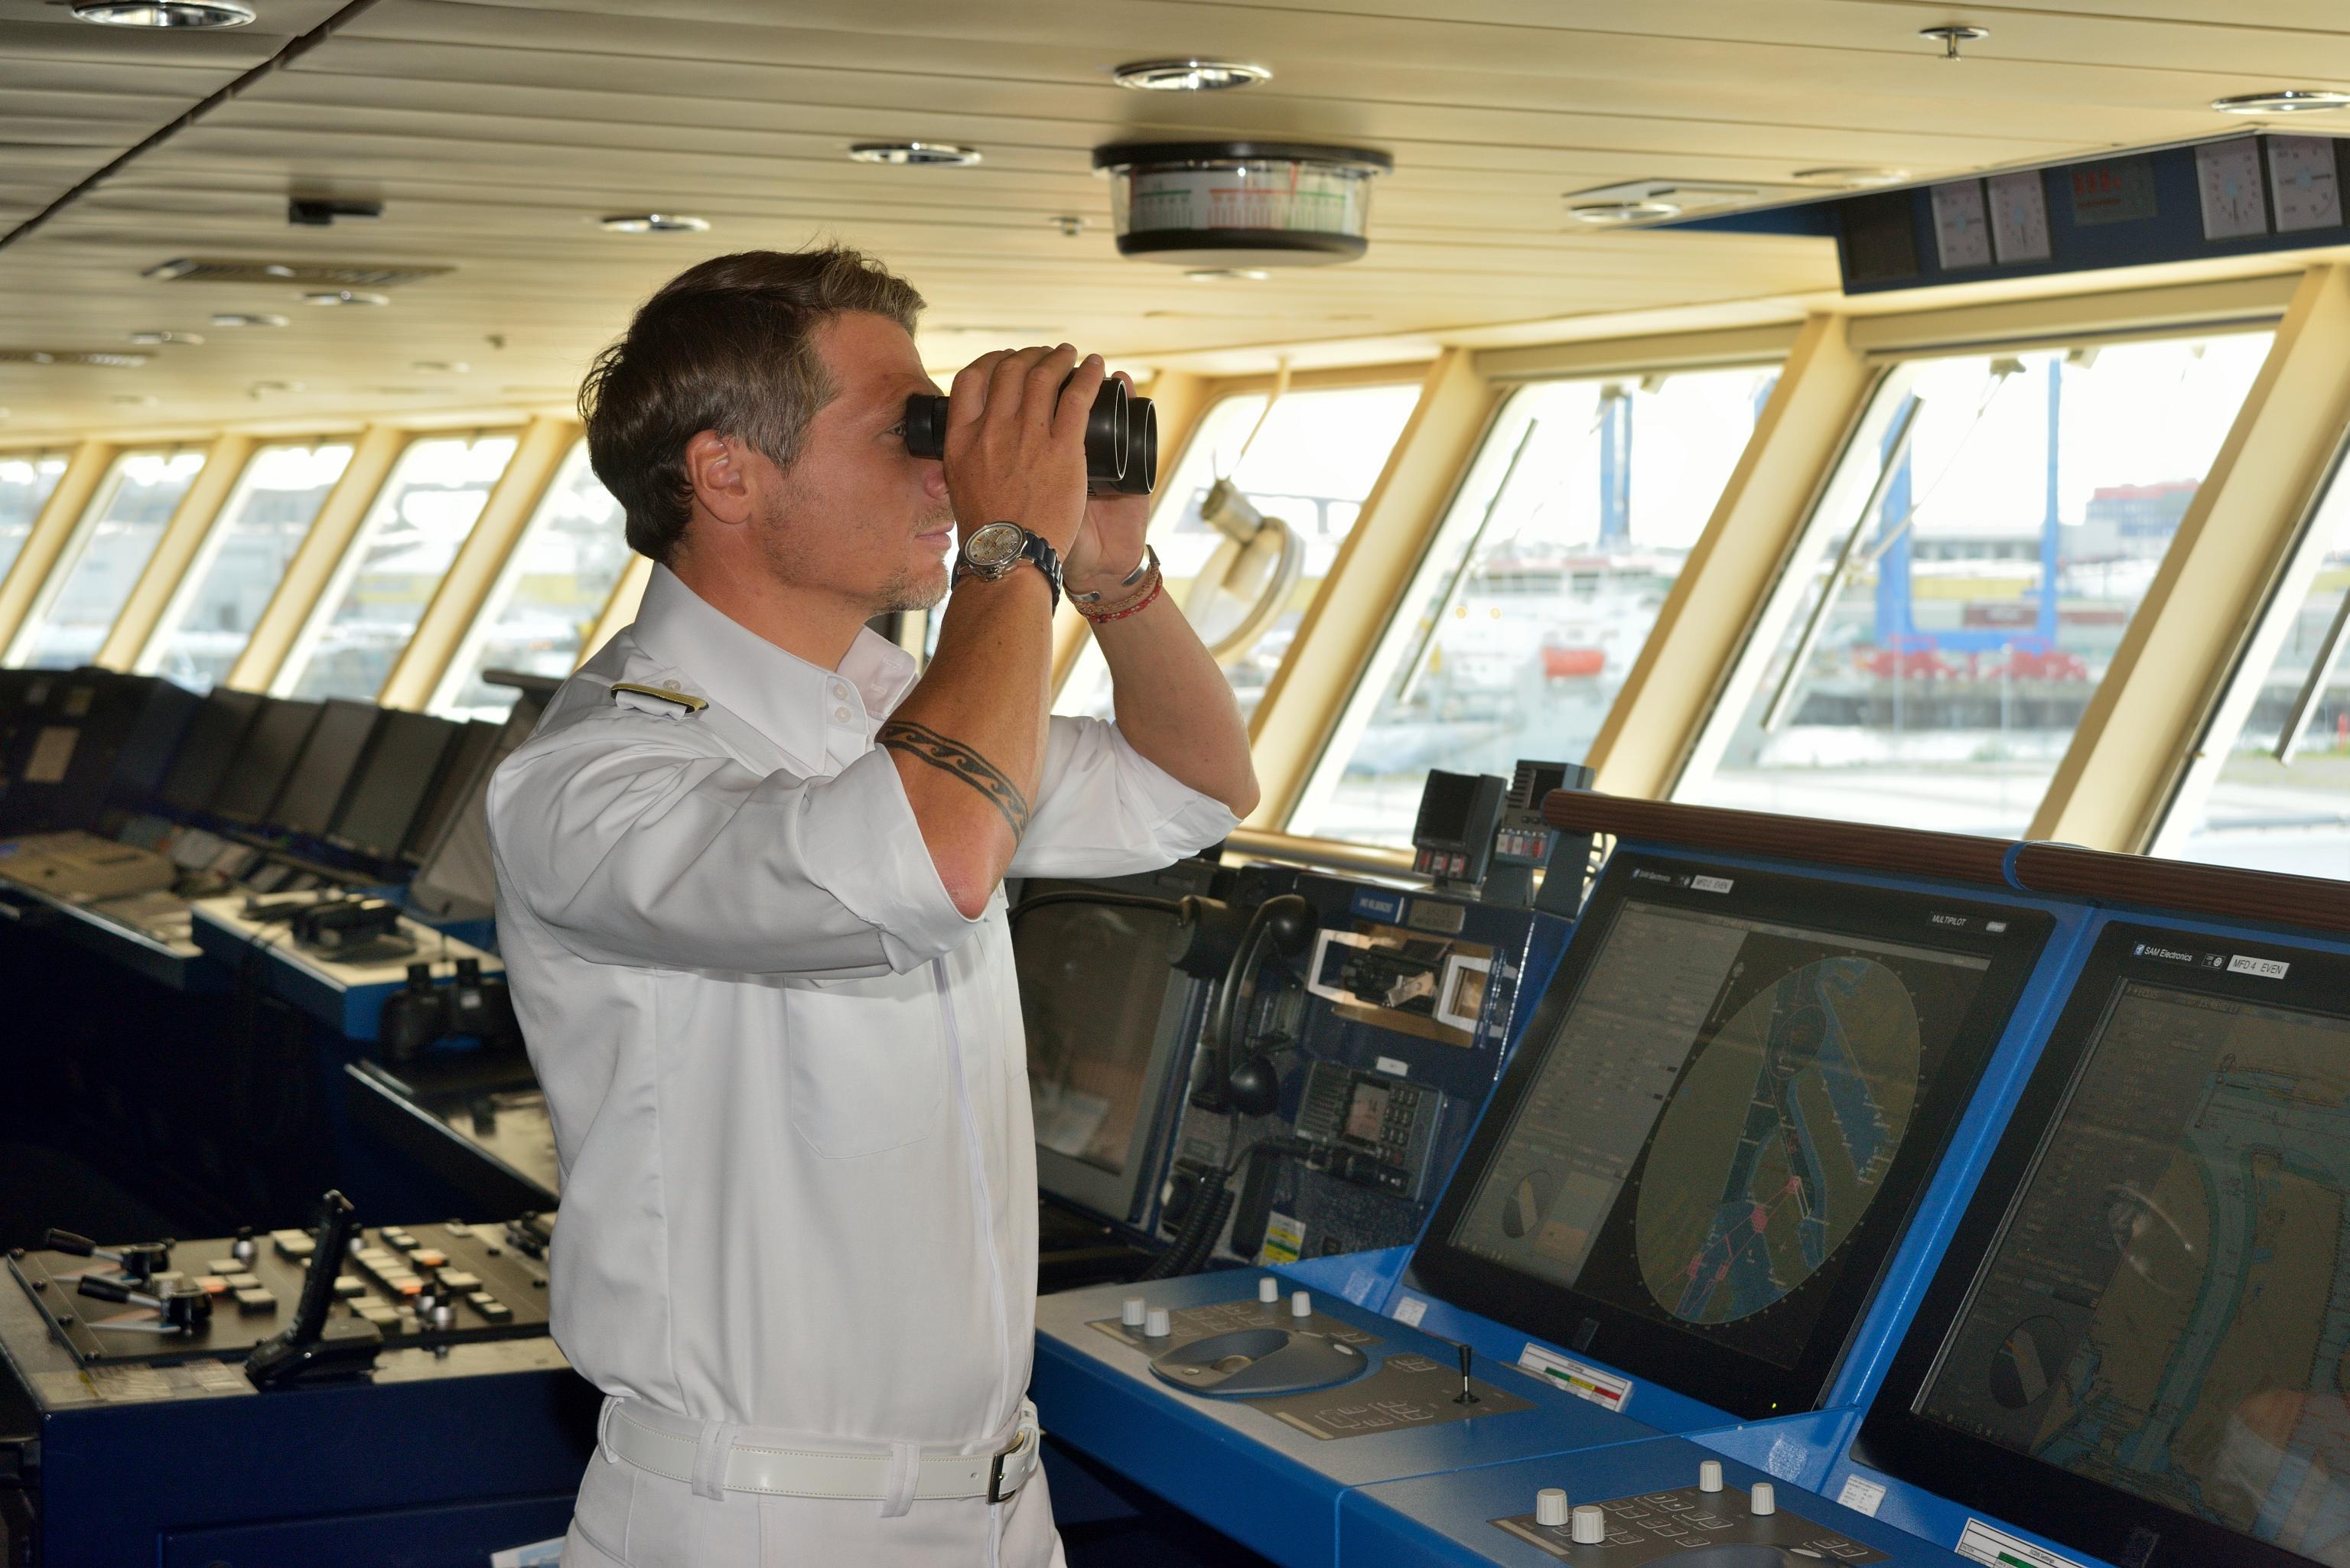 Mein Schiff Kapitän Tobias Pietsch auf der Brücke